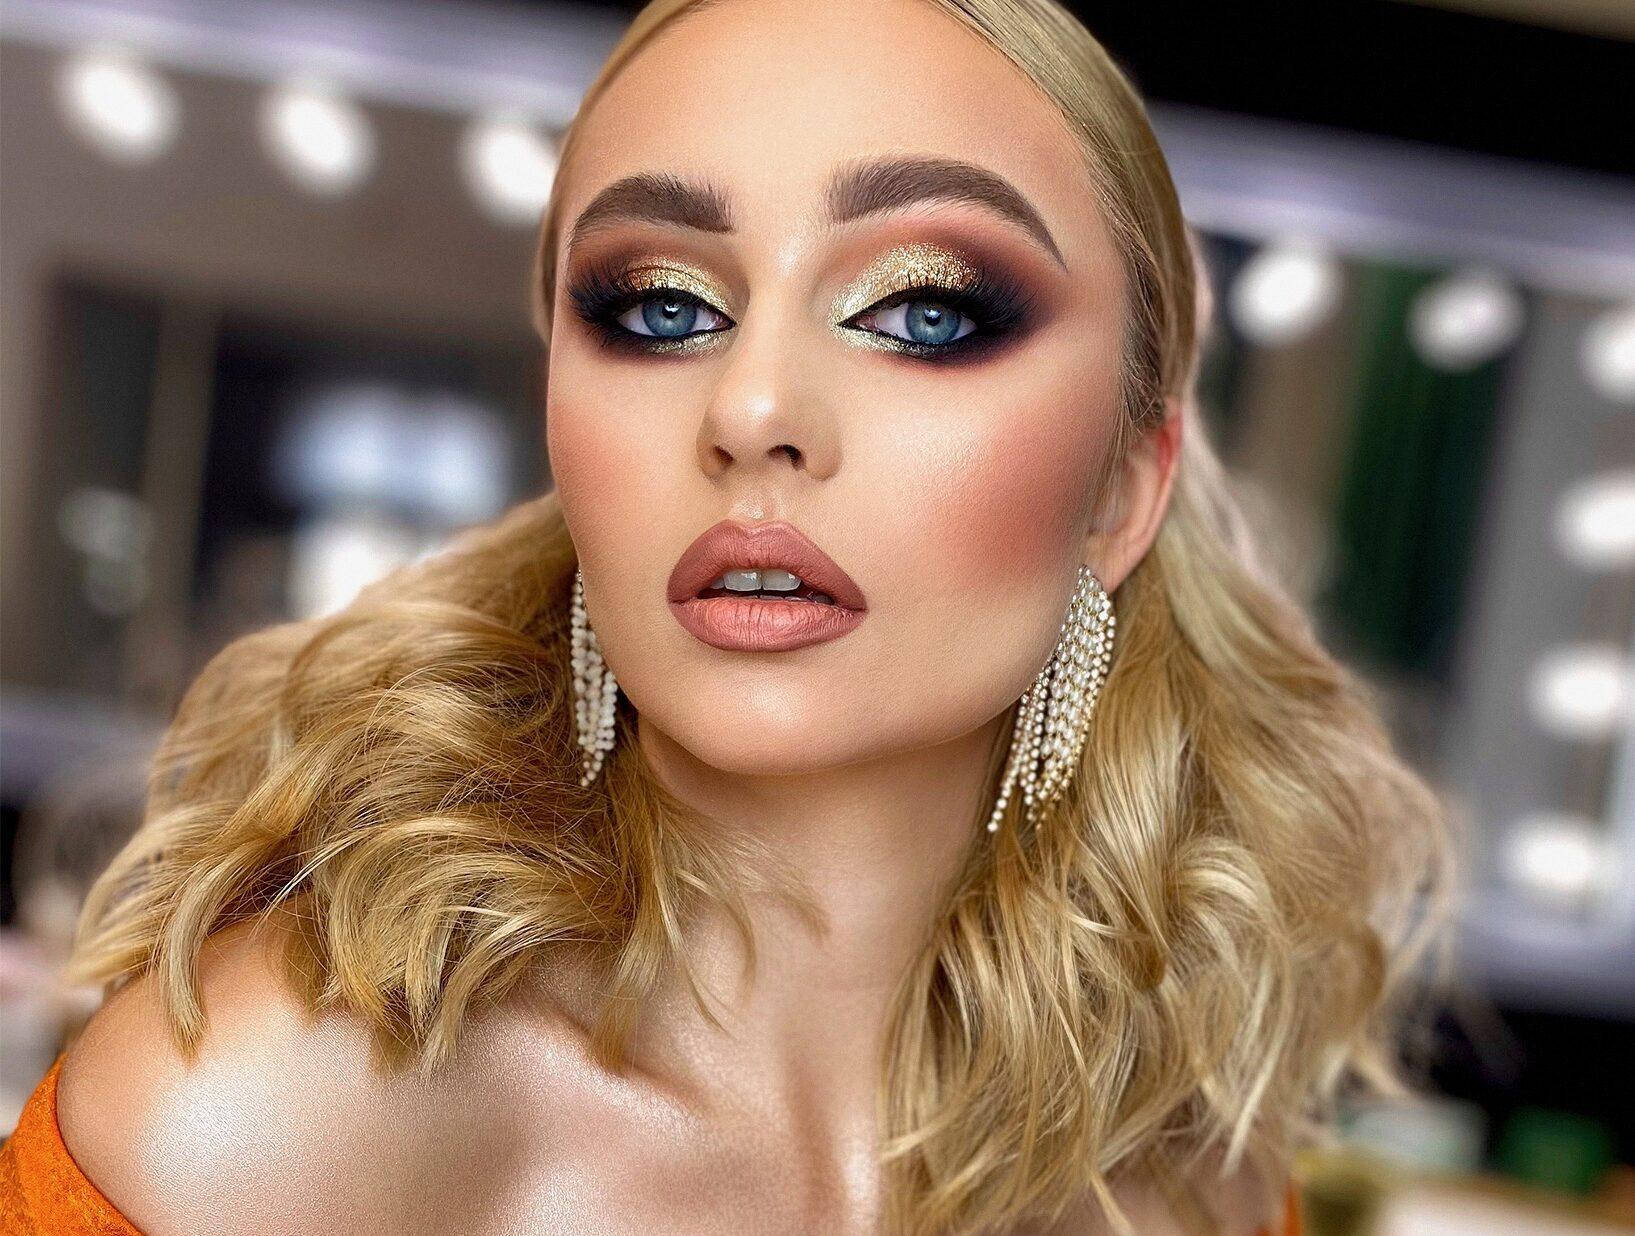 Makijaż wieczorowy glamour z elementami makijażu fotograficznego. Kurs PRO z Marzeną Tarasiewicz